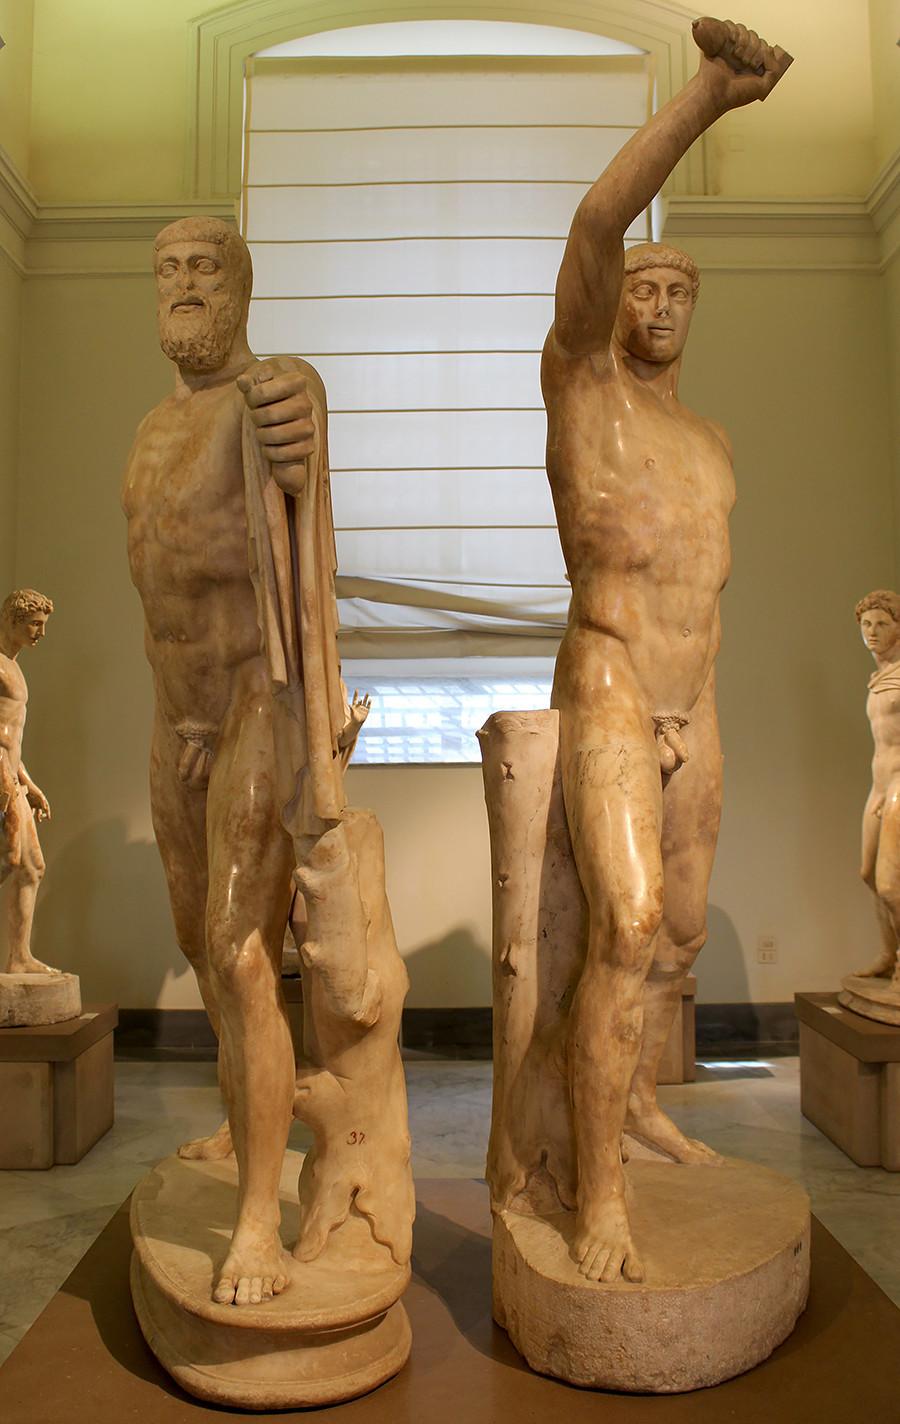 Patung 'Tyrannicides' (Pembunuh Tiran) yang menginspirasi pembuatan patung 'Buruh dan Perempuan Kolkhoz'.